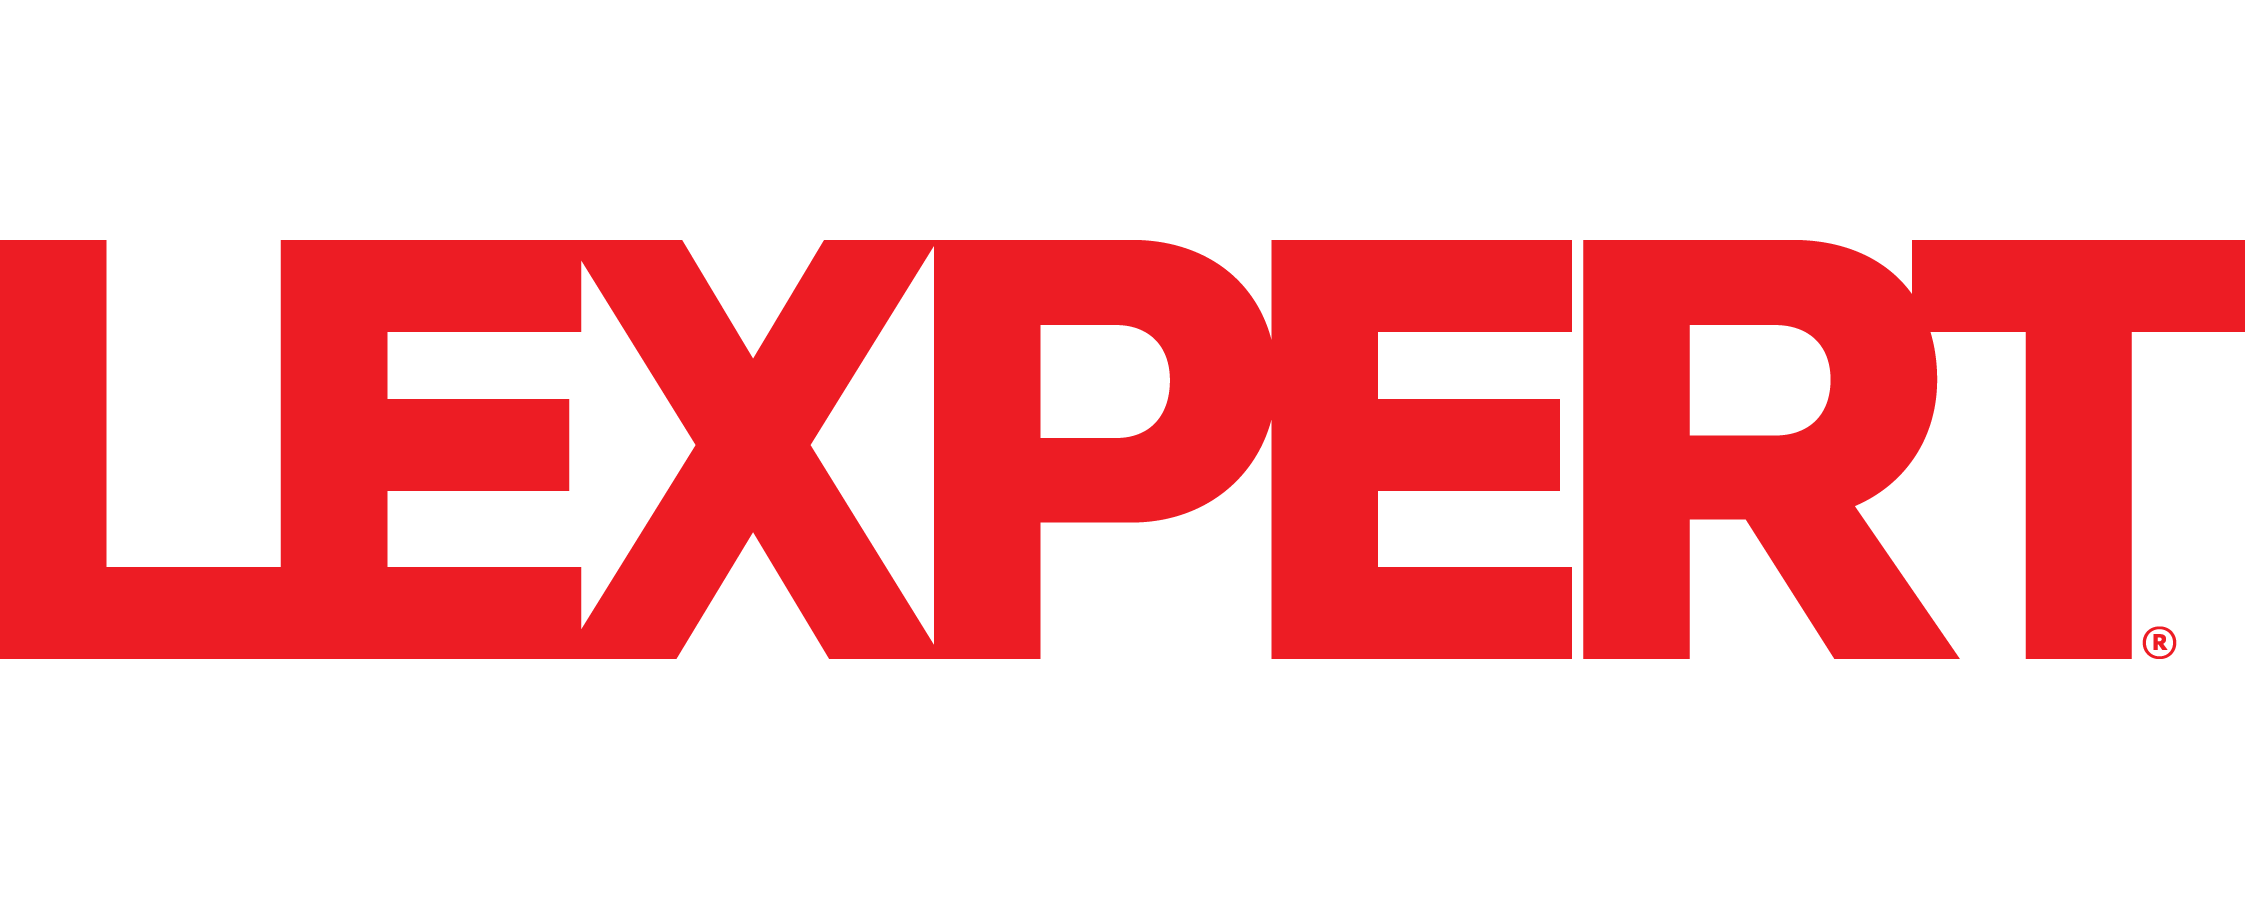 Lexpert